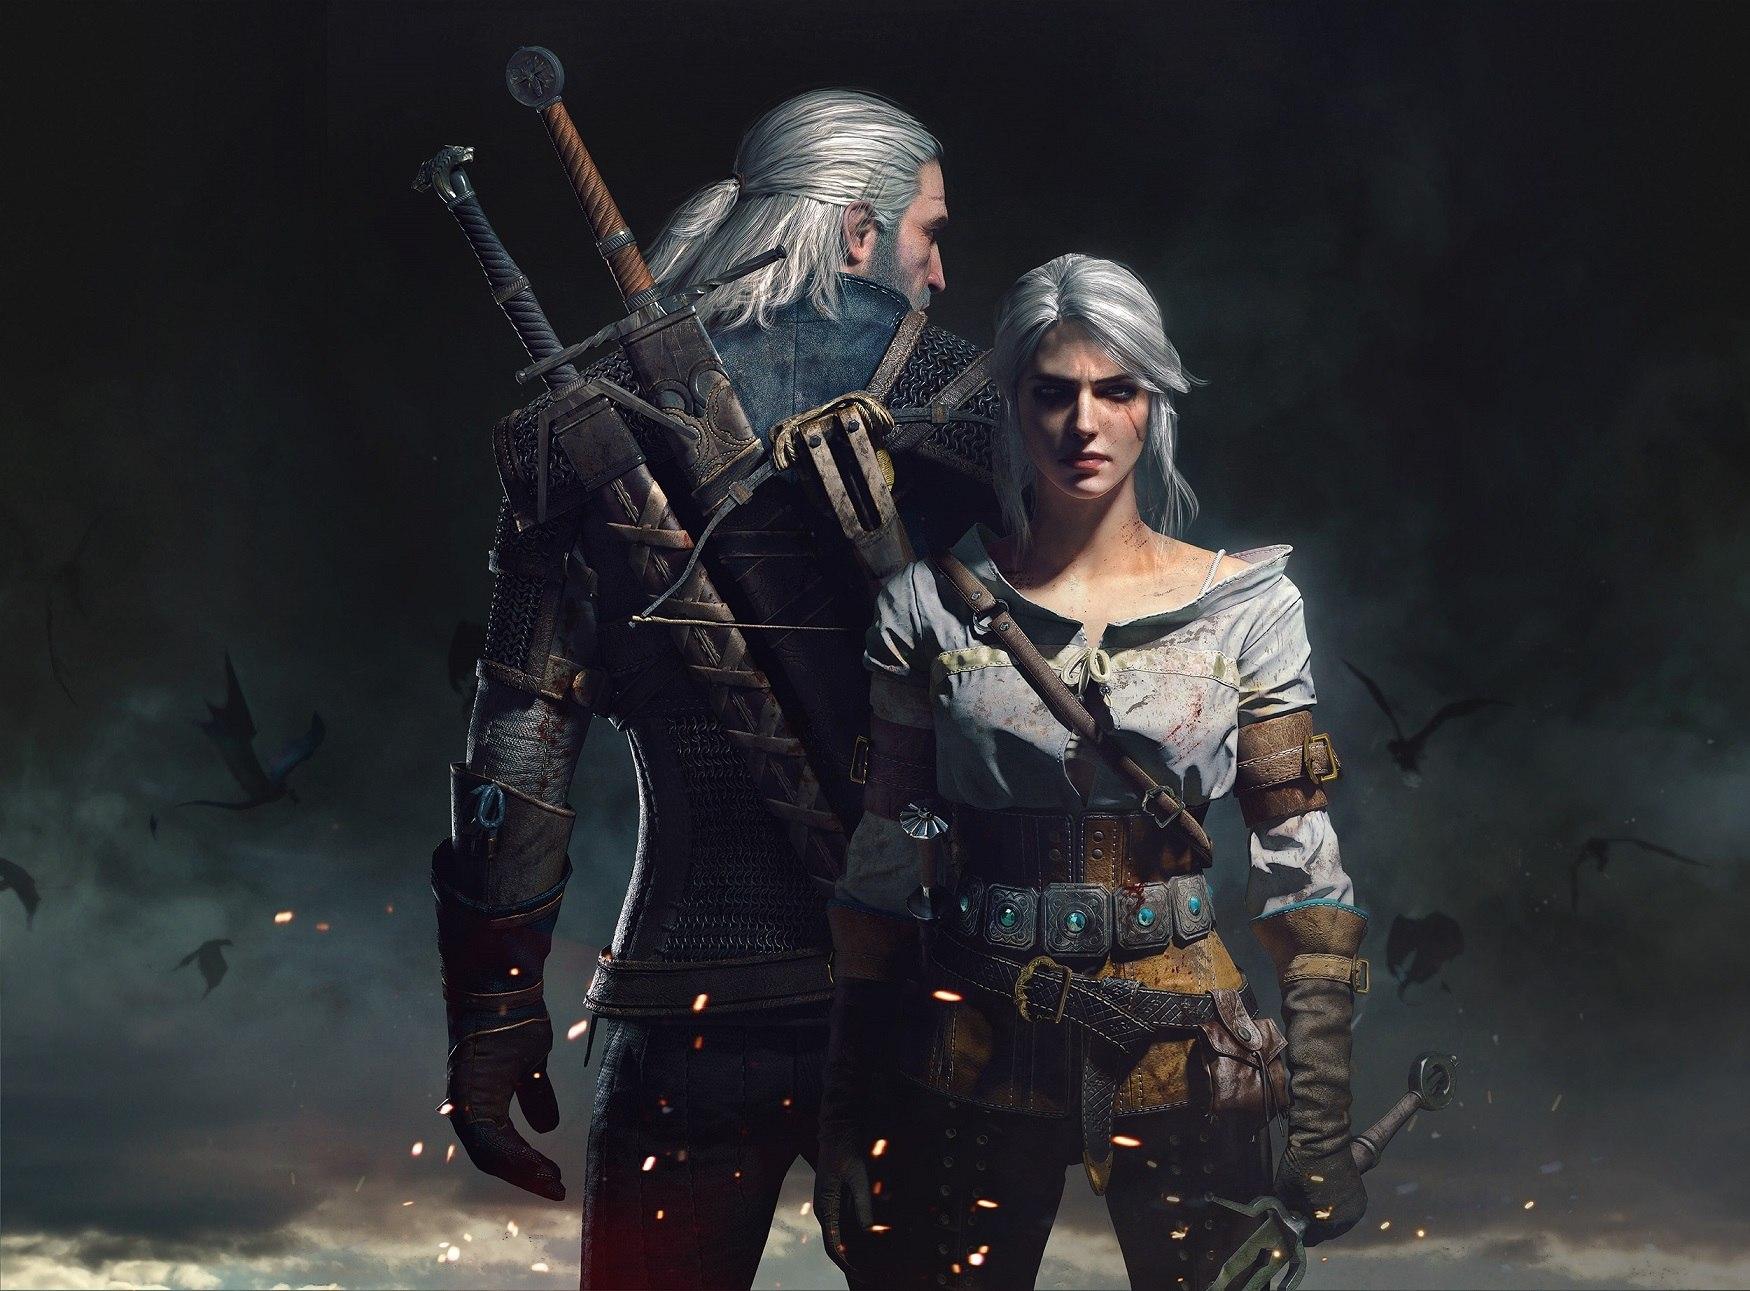 Geralt and Ciri by Scratcherpen